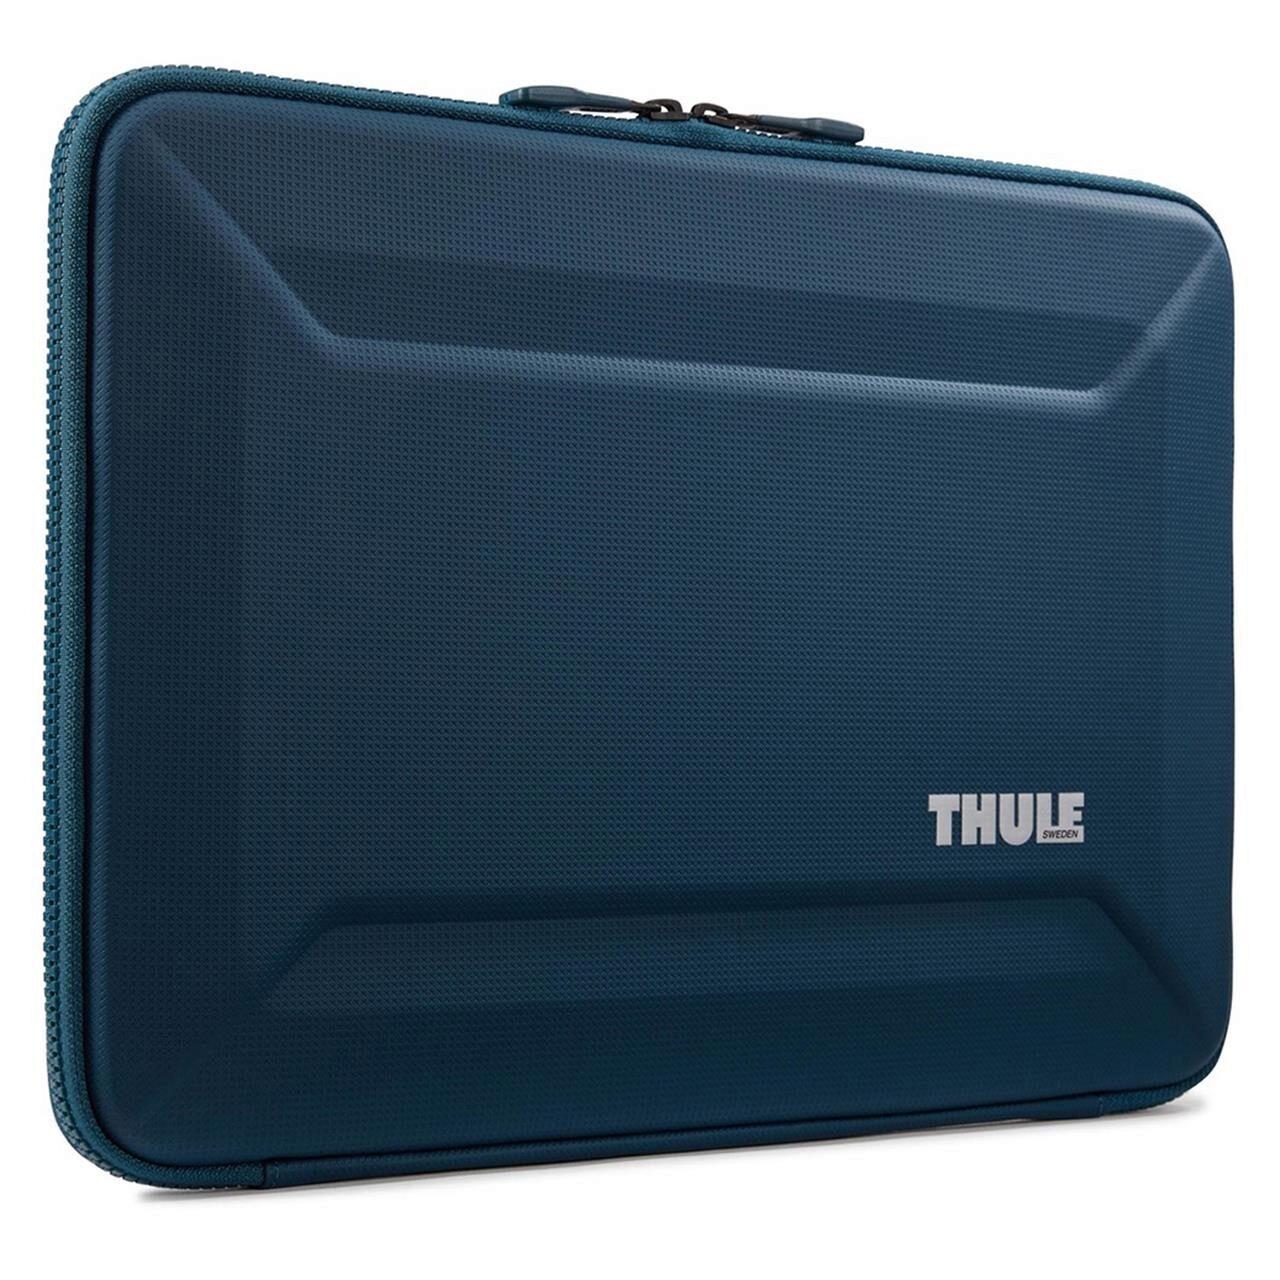 Carcasa laptop Thule Gauntlet 4.0 13'' MacBook Sleeve, Blue